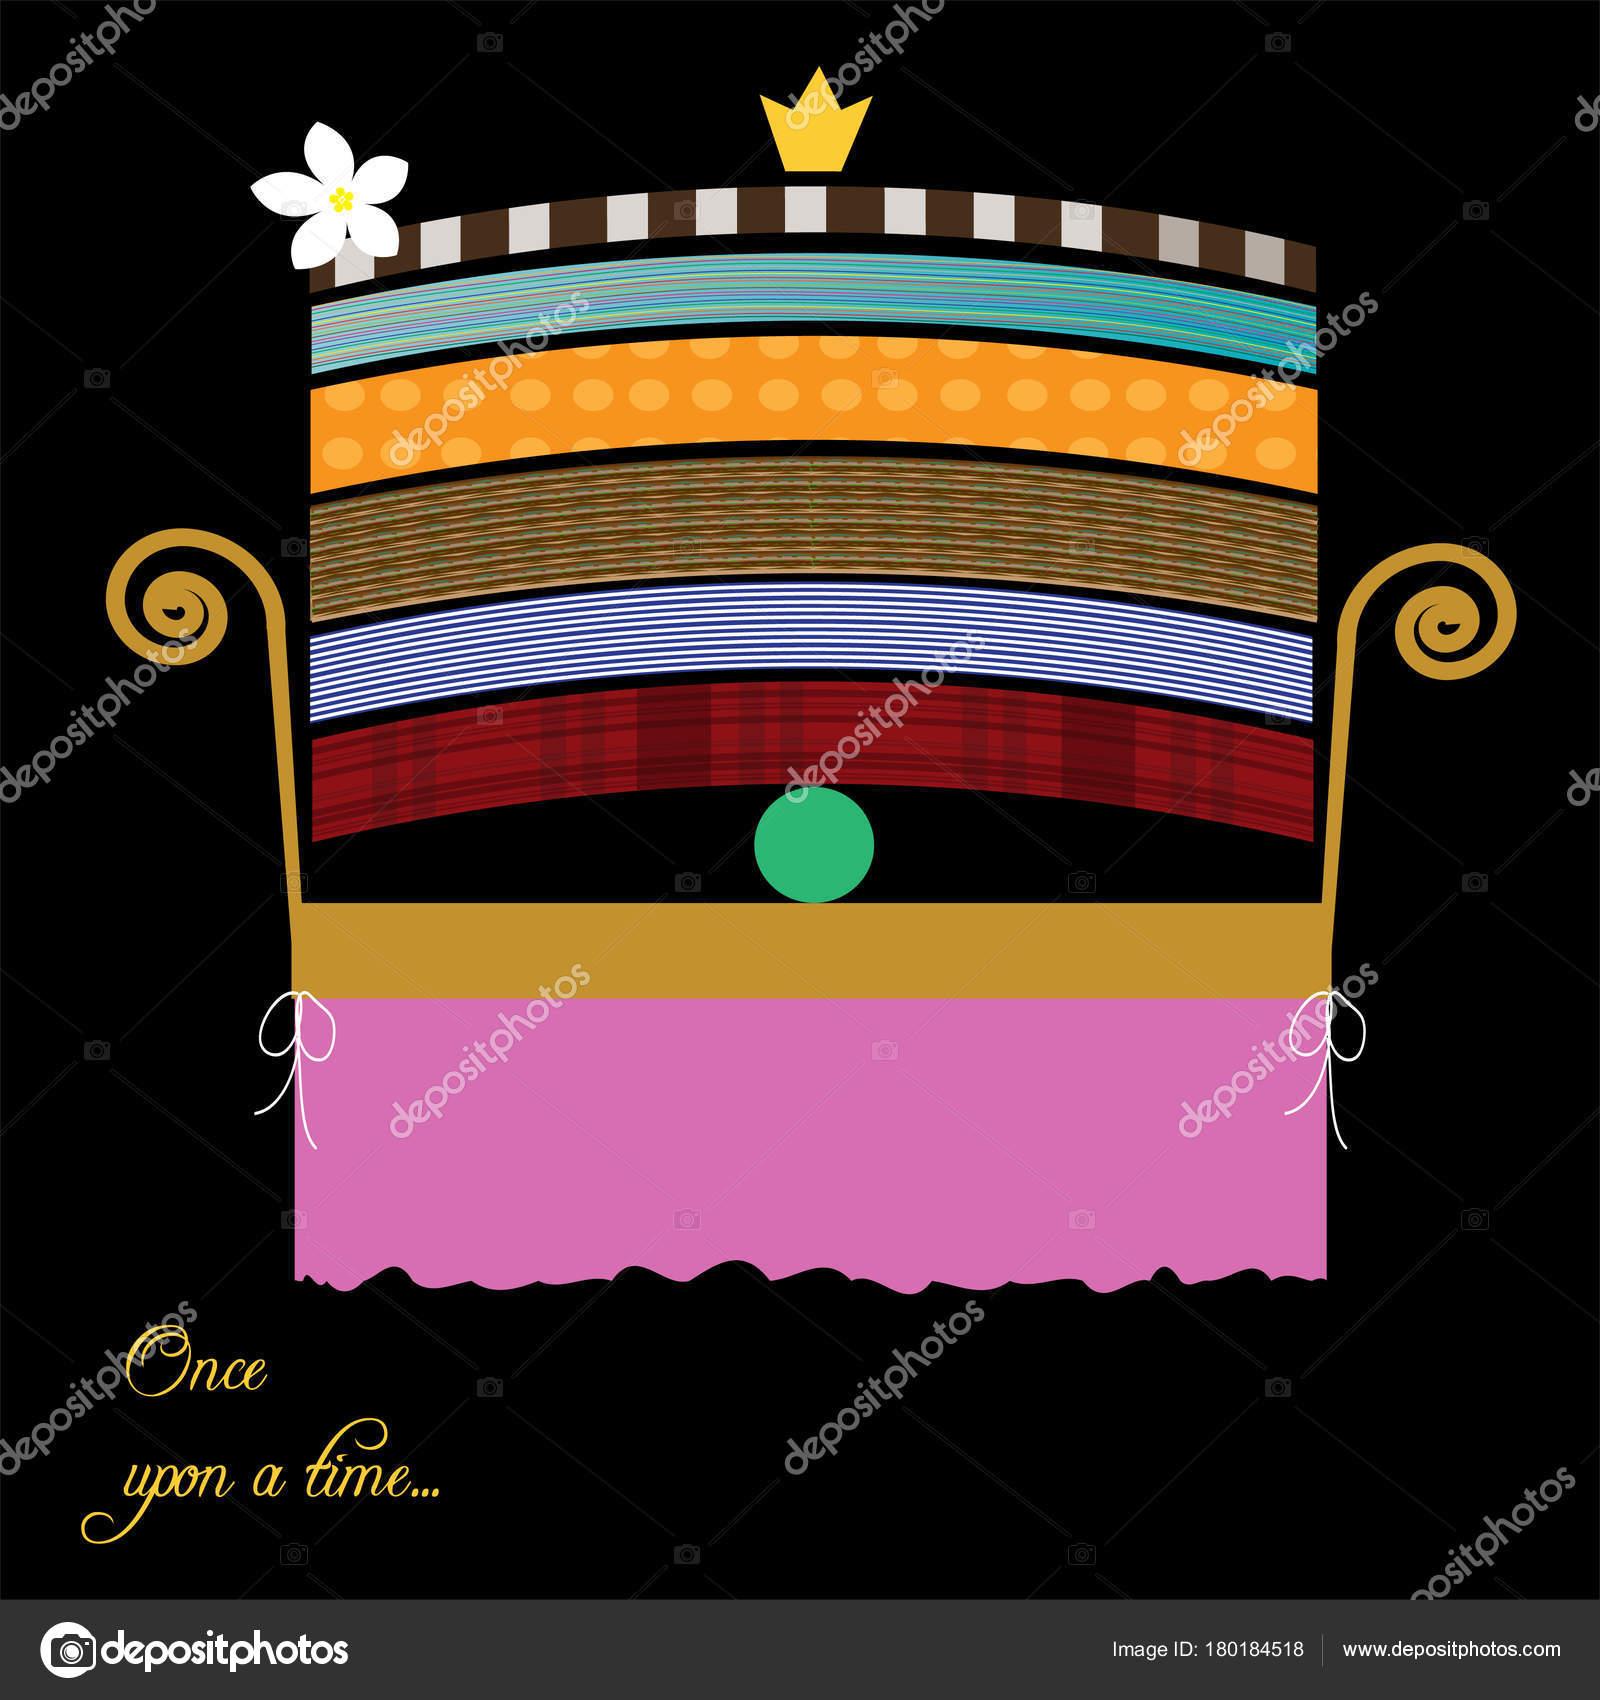 Prinzessin auf der erbse bett  Ein Kinderbett Für Die Prinzessin Illustration Für Ein Märchen ...